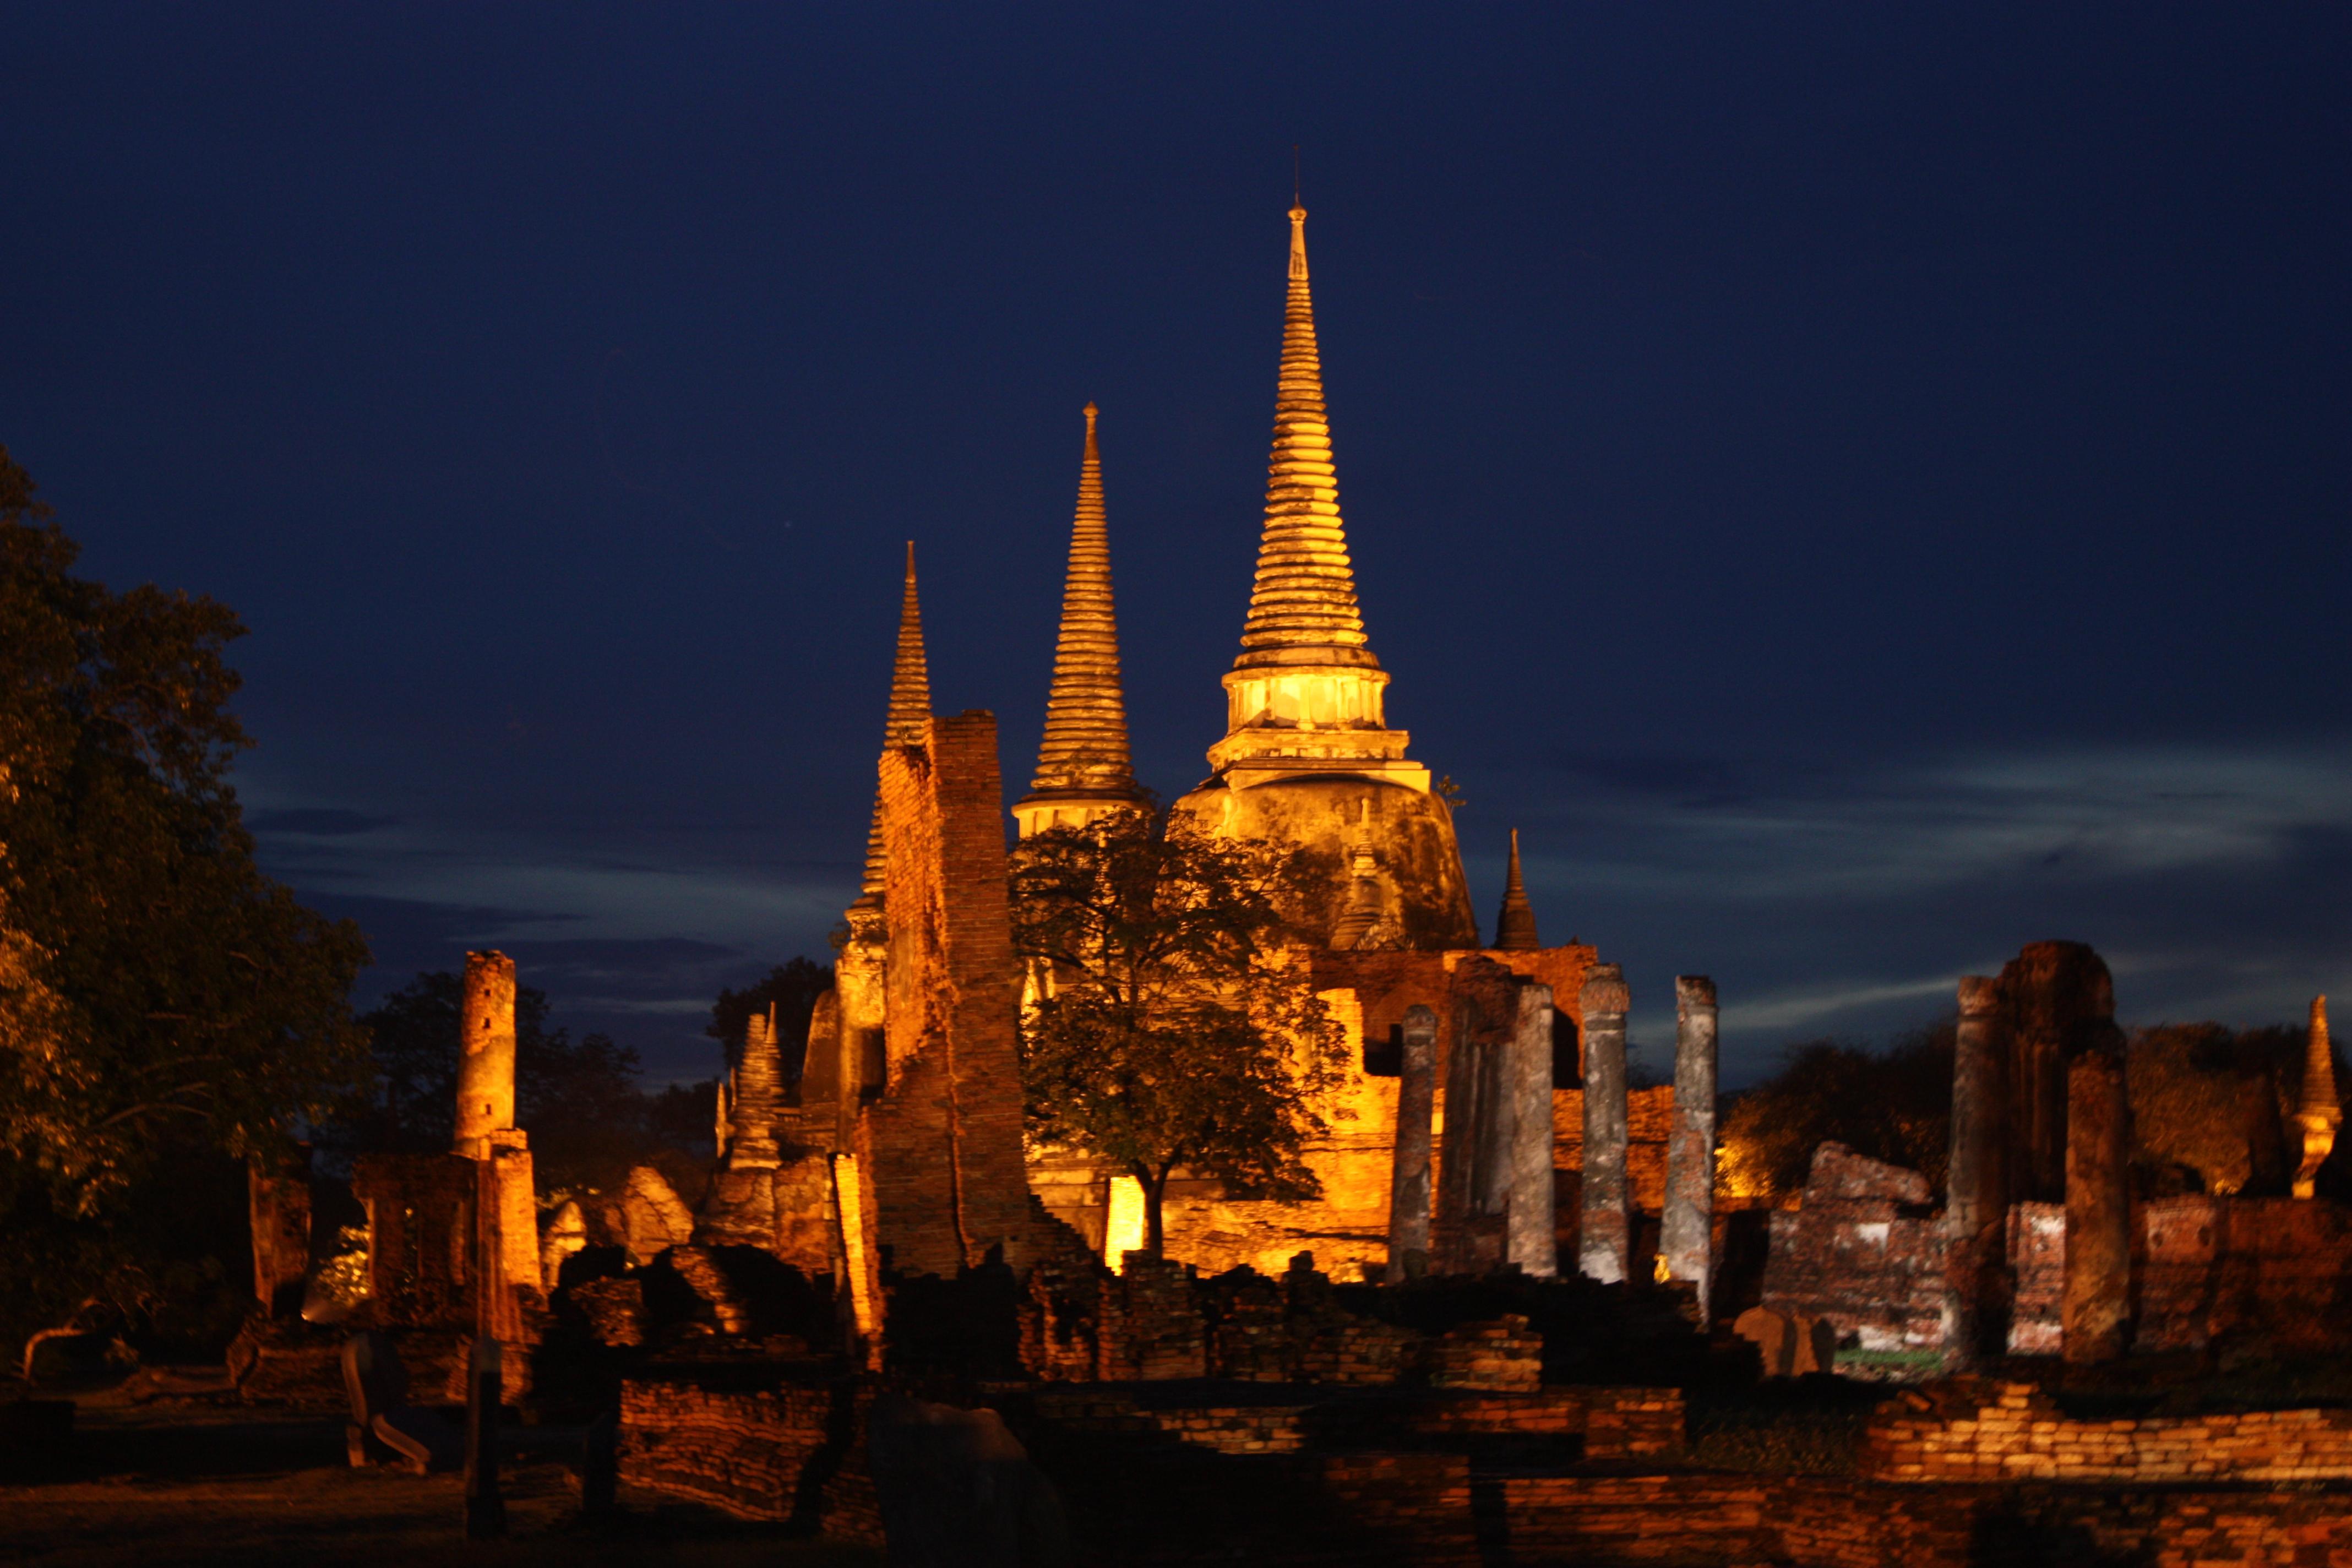 File:Wat Phra Si Sanphet Ayutthaya at night.jpg